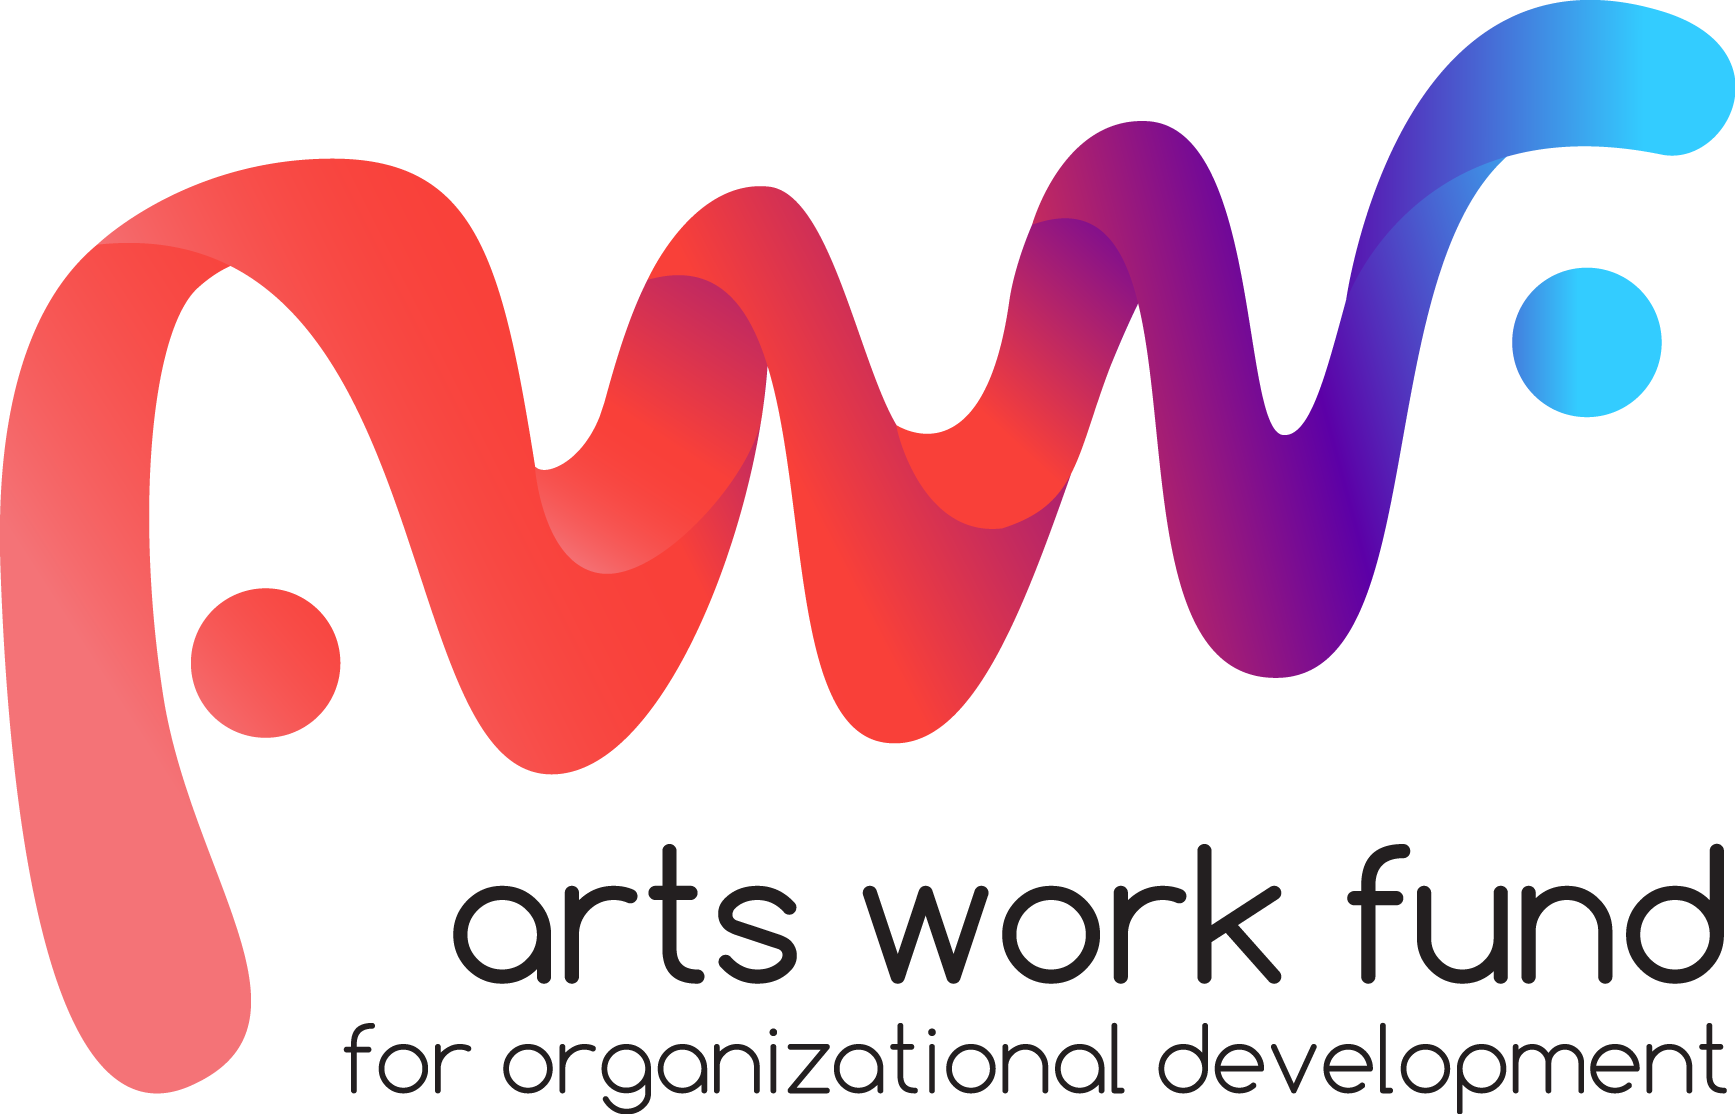 the Arts Work Fund